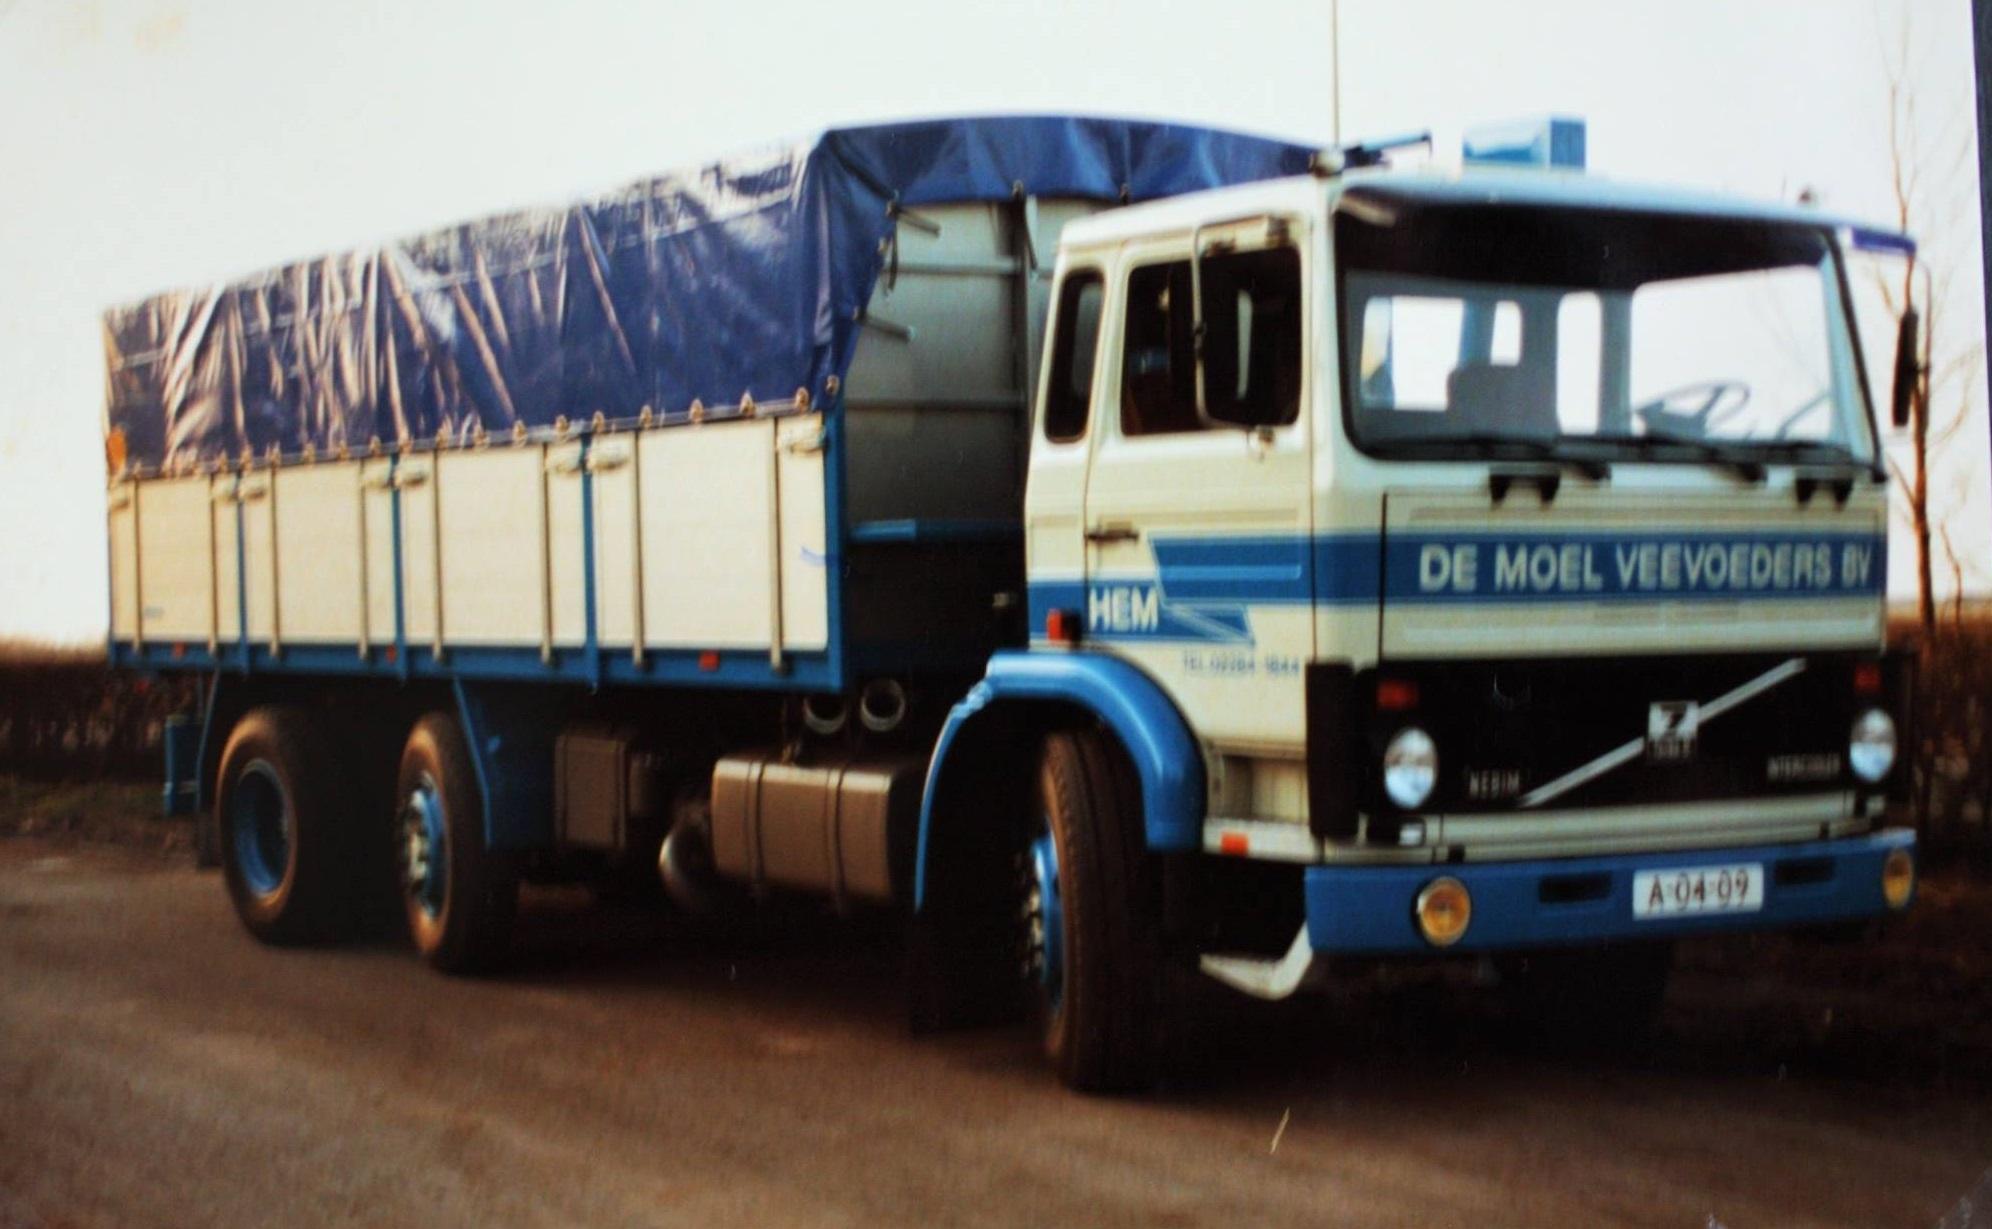 Volvo-6X2-bulkwagen-door-Rondaan-gebouwd-voor-De-Moel-veevoeders-BV-uit-Hem-2